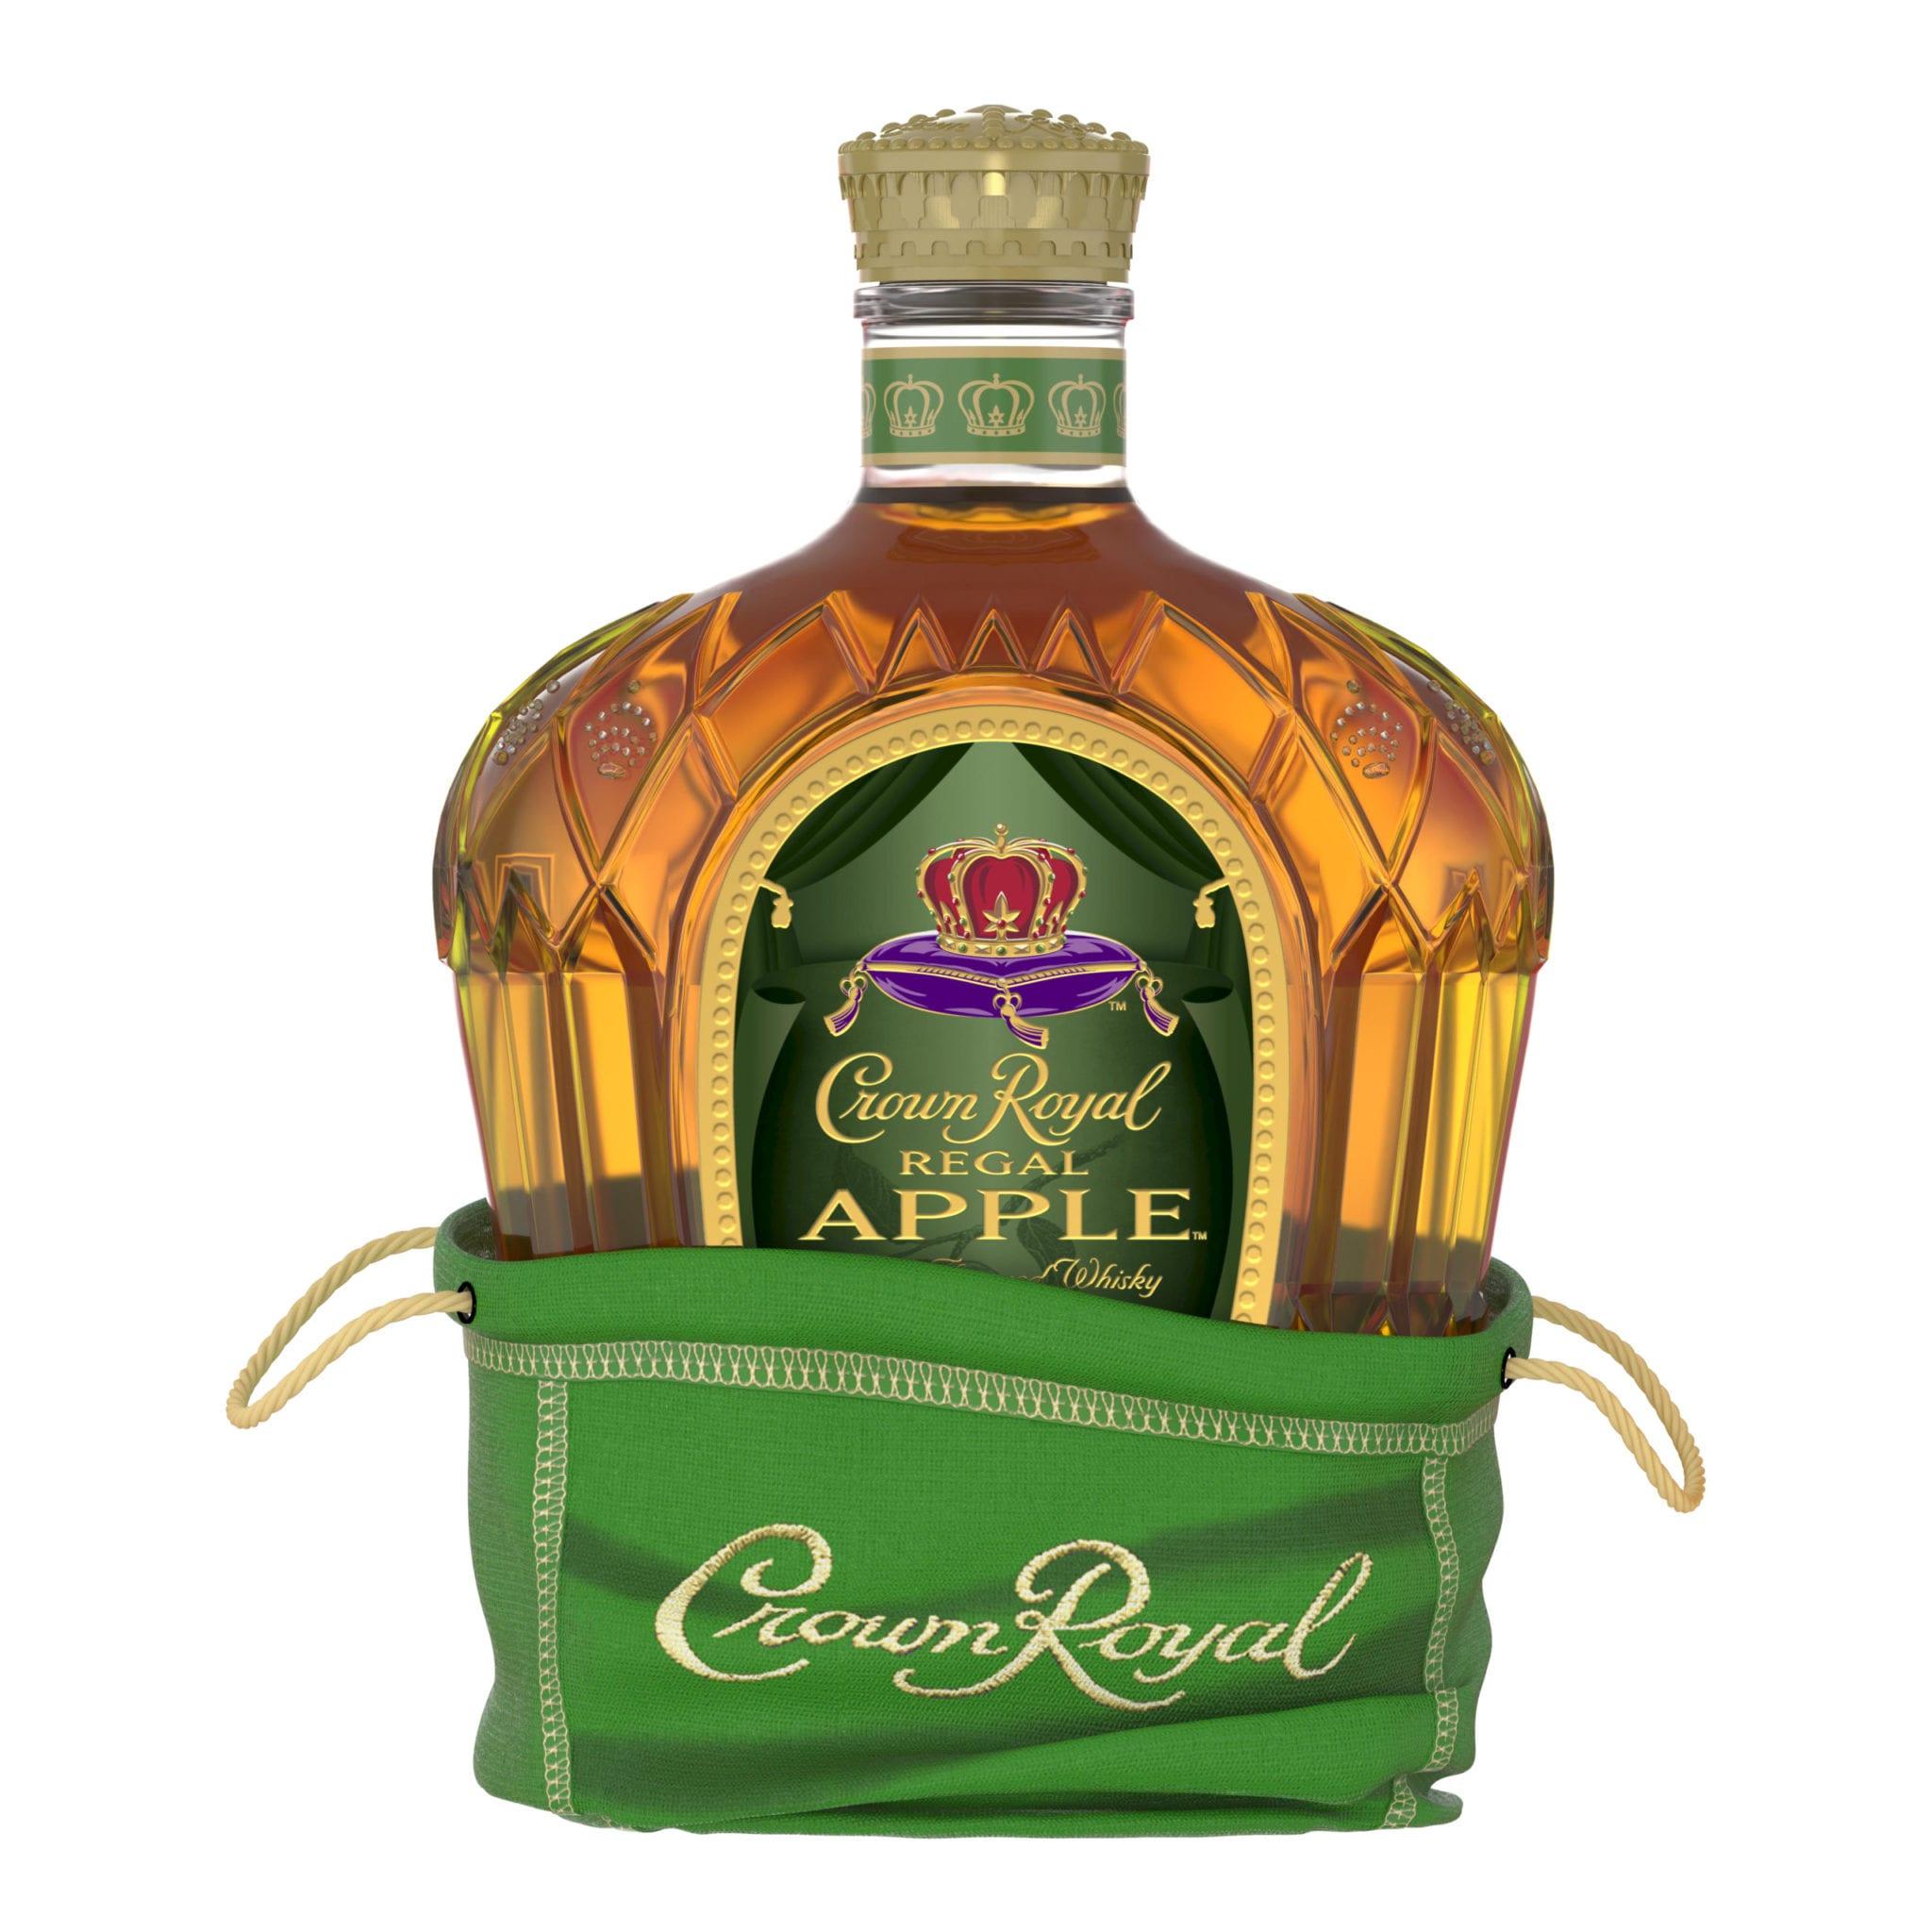 Crown Royal Regal Apple 1 l